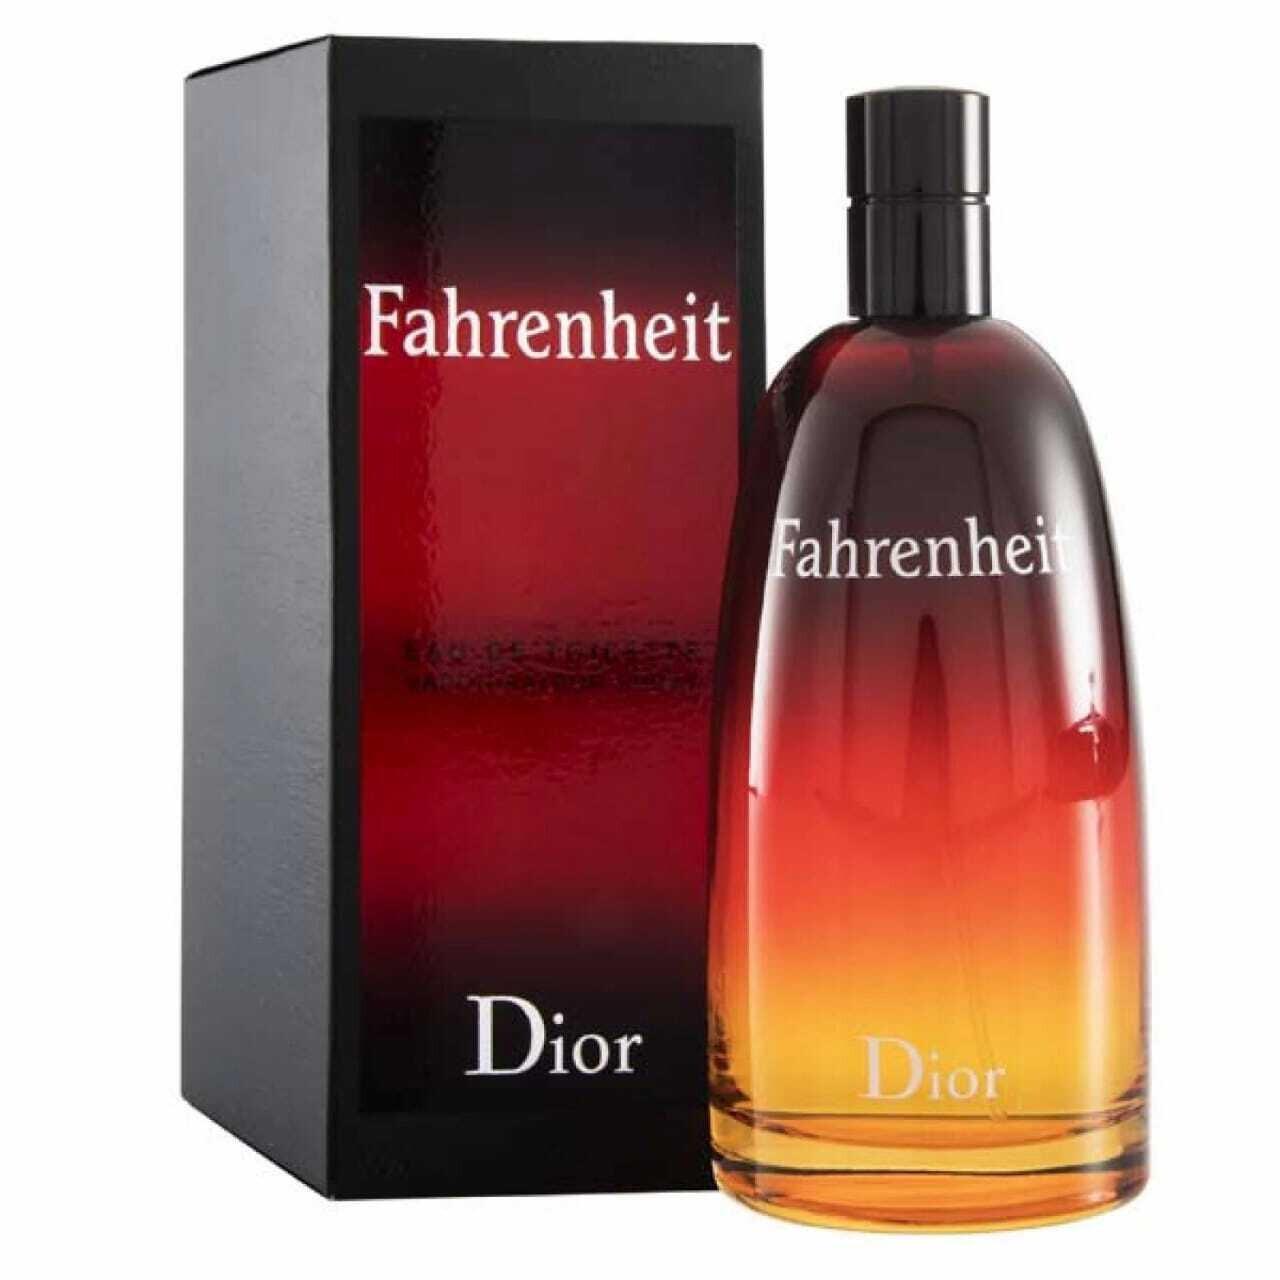 Dior Fahrenheit 100ml EDT H